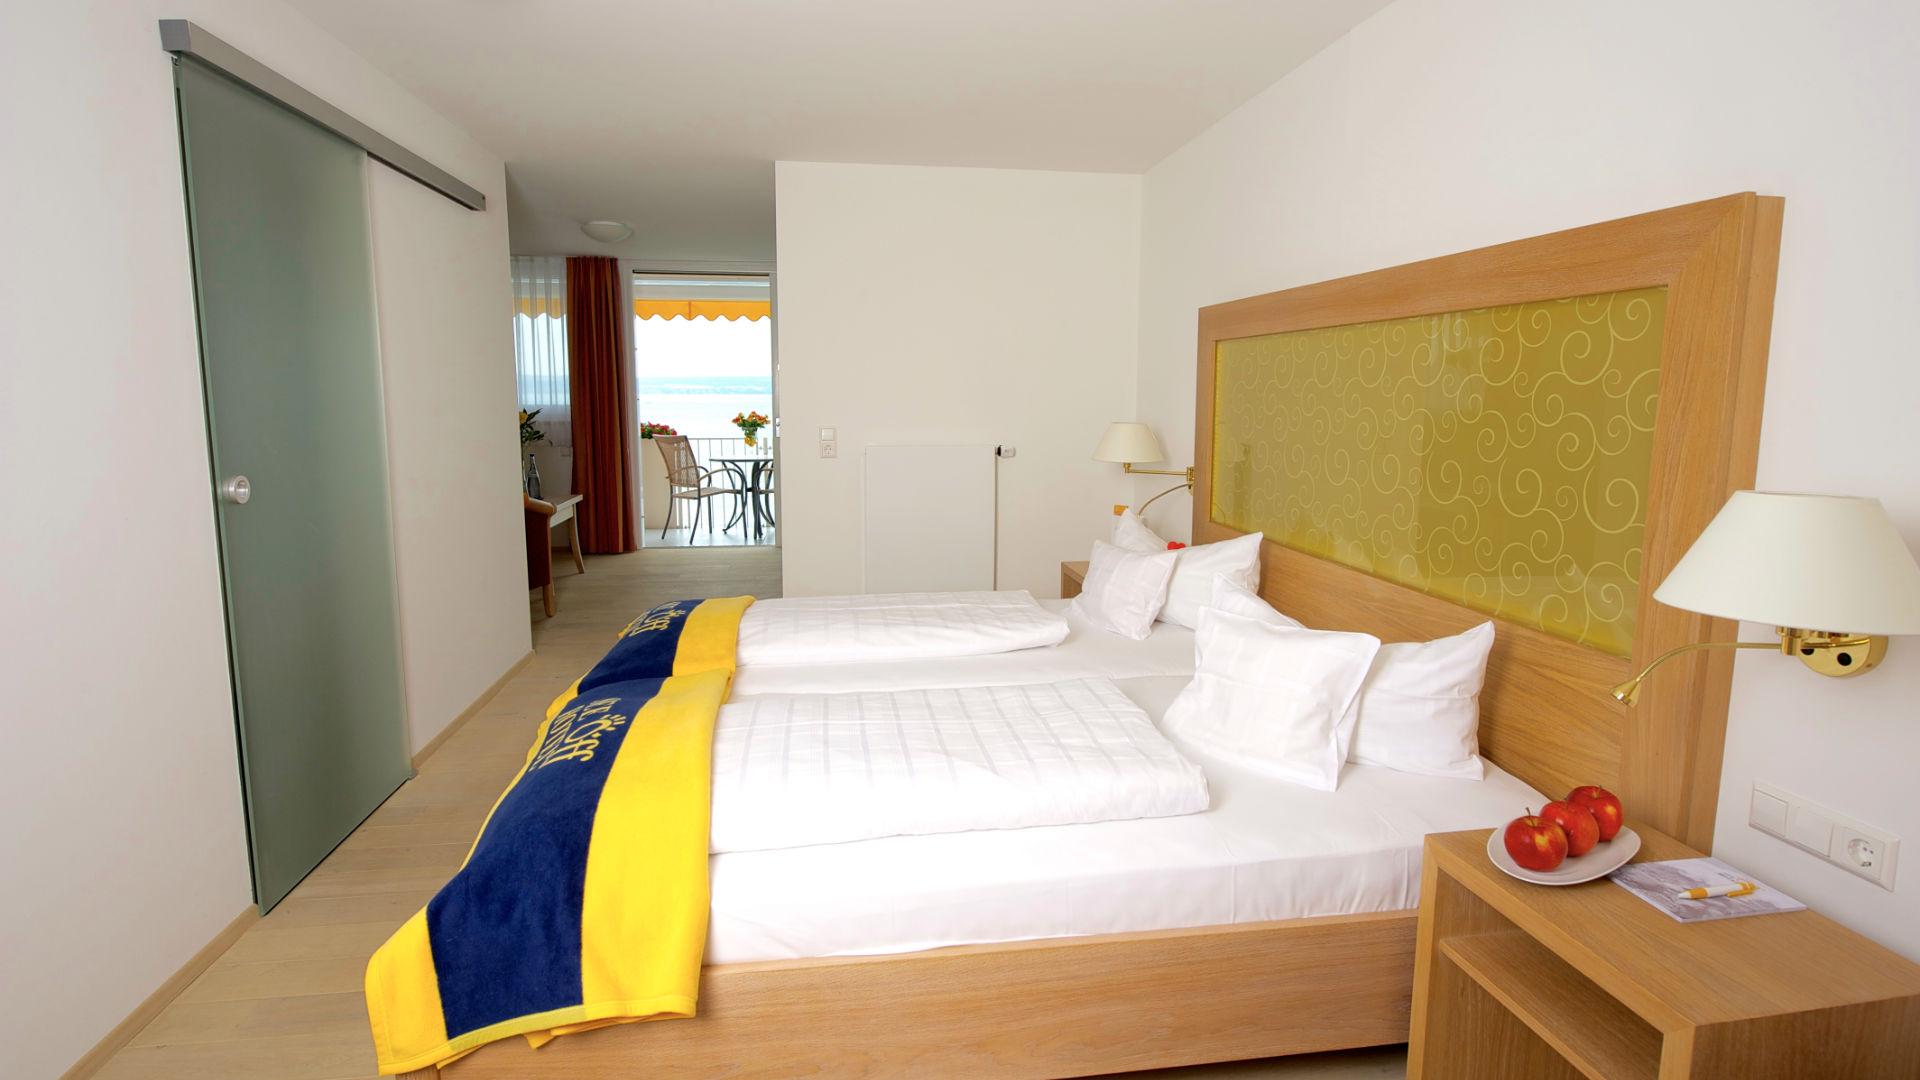 Juniorsuite des Seehotels Off mit direktem Blick auf den Bodensee